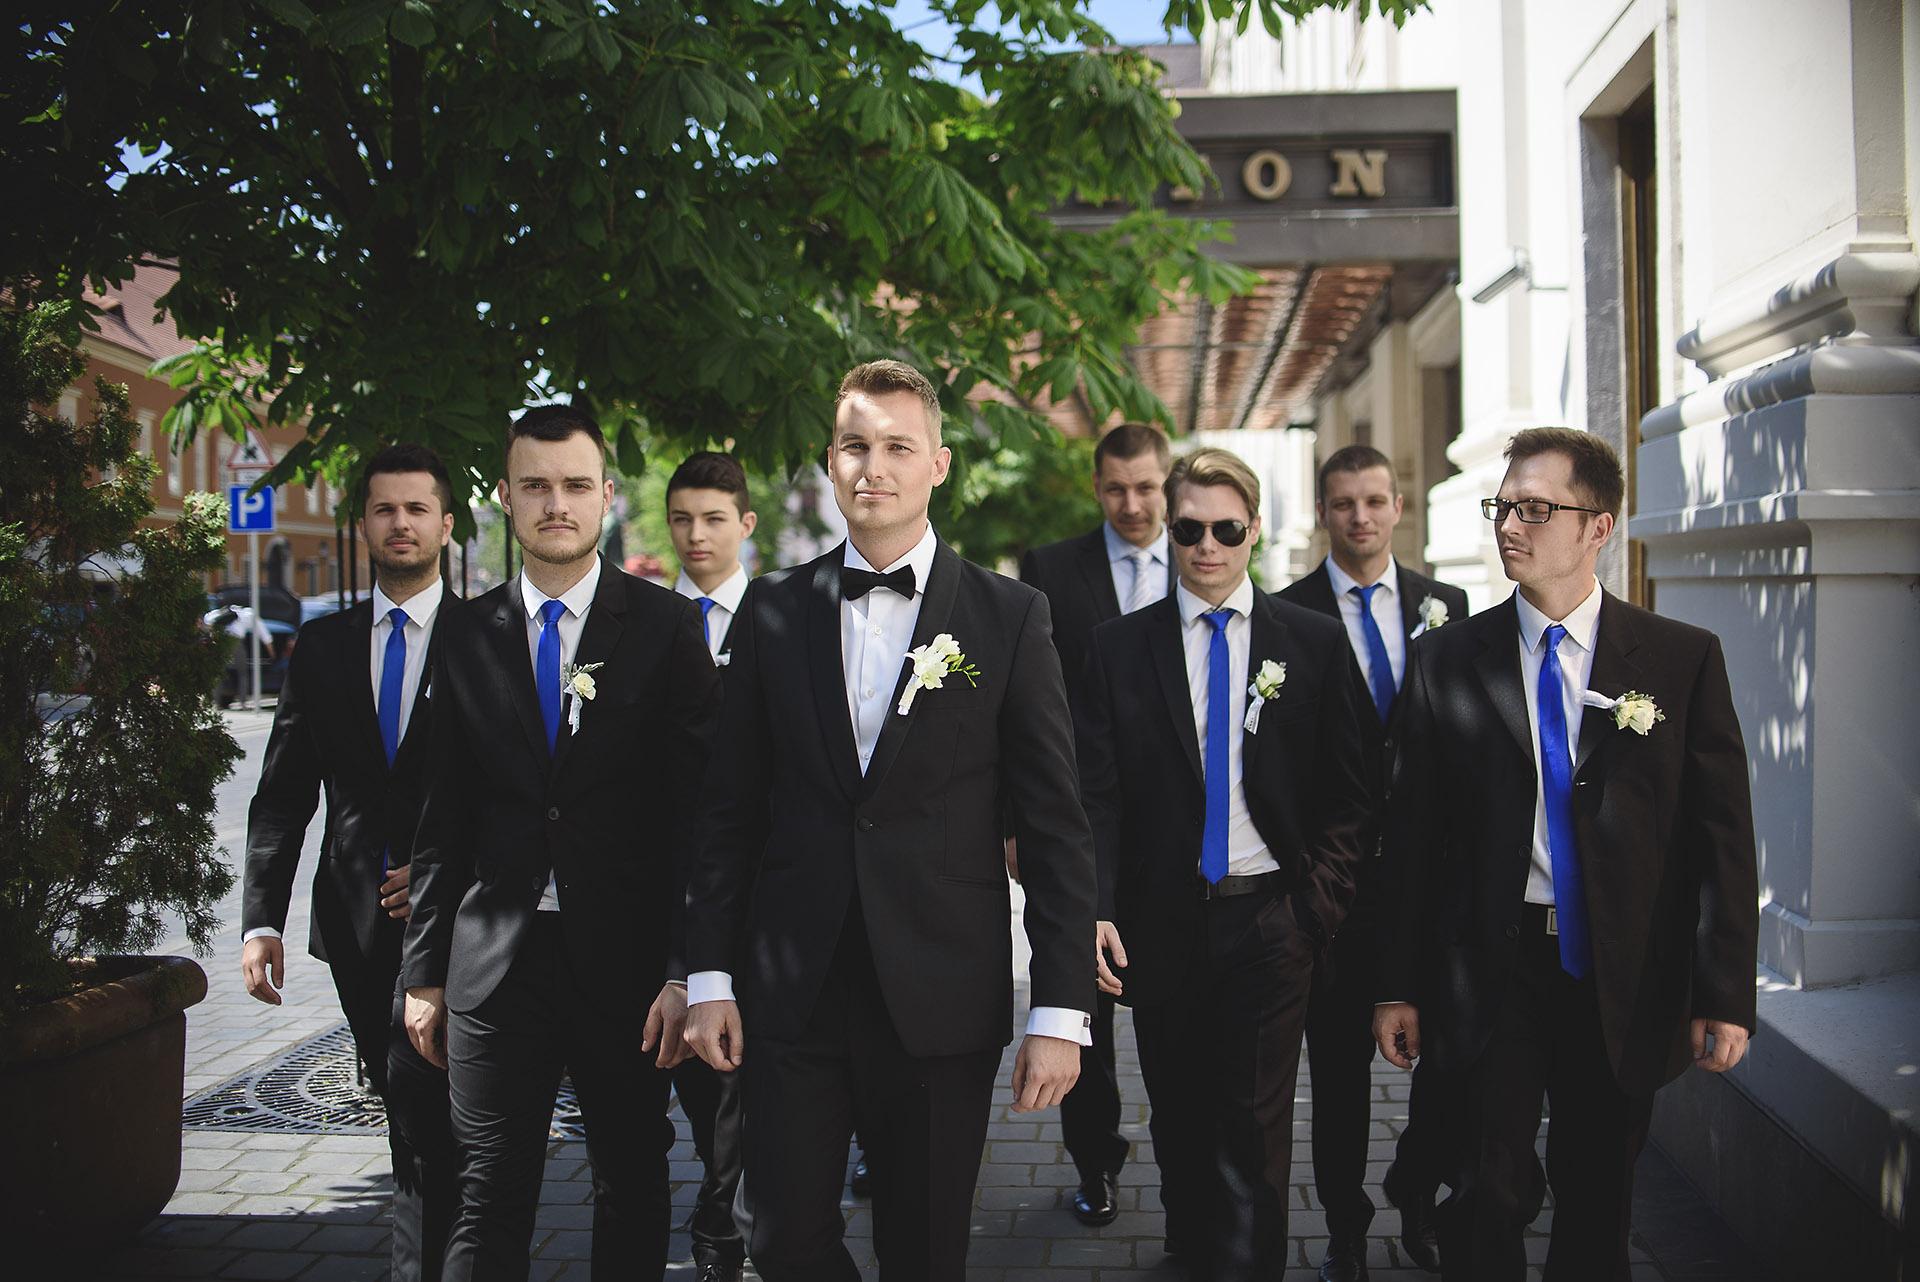 2 LB-Mediart stílusos esküvői fotózás és smink rendezvényfotózás kreatív esküvői fotózás Budapest Wedding Photography